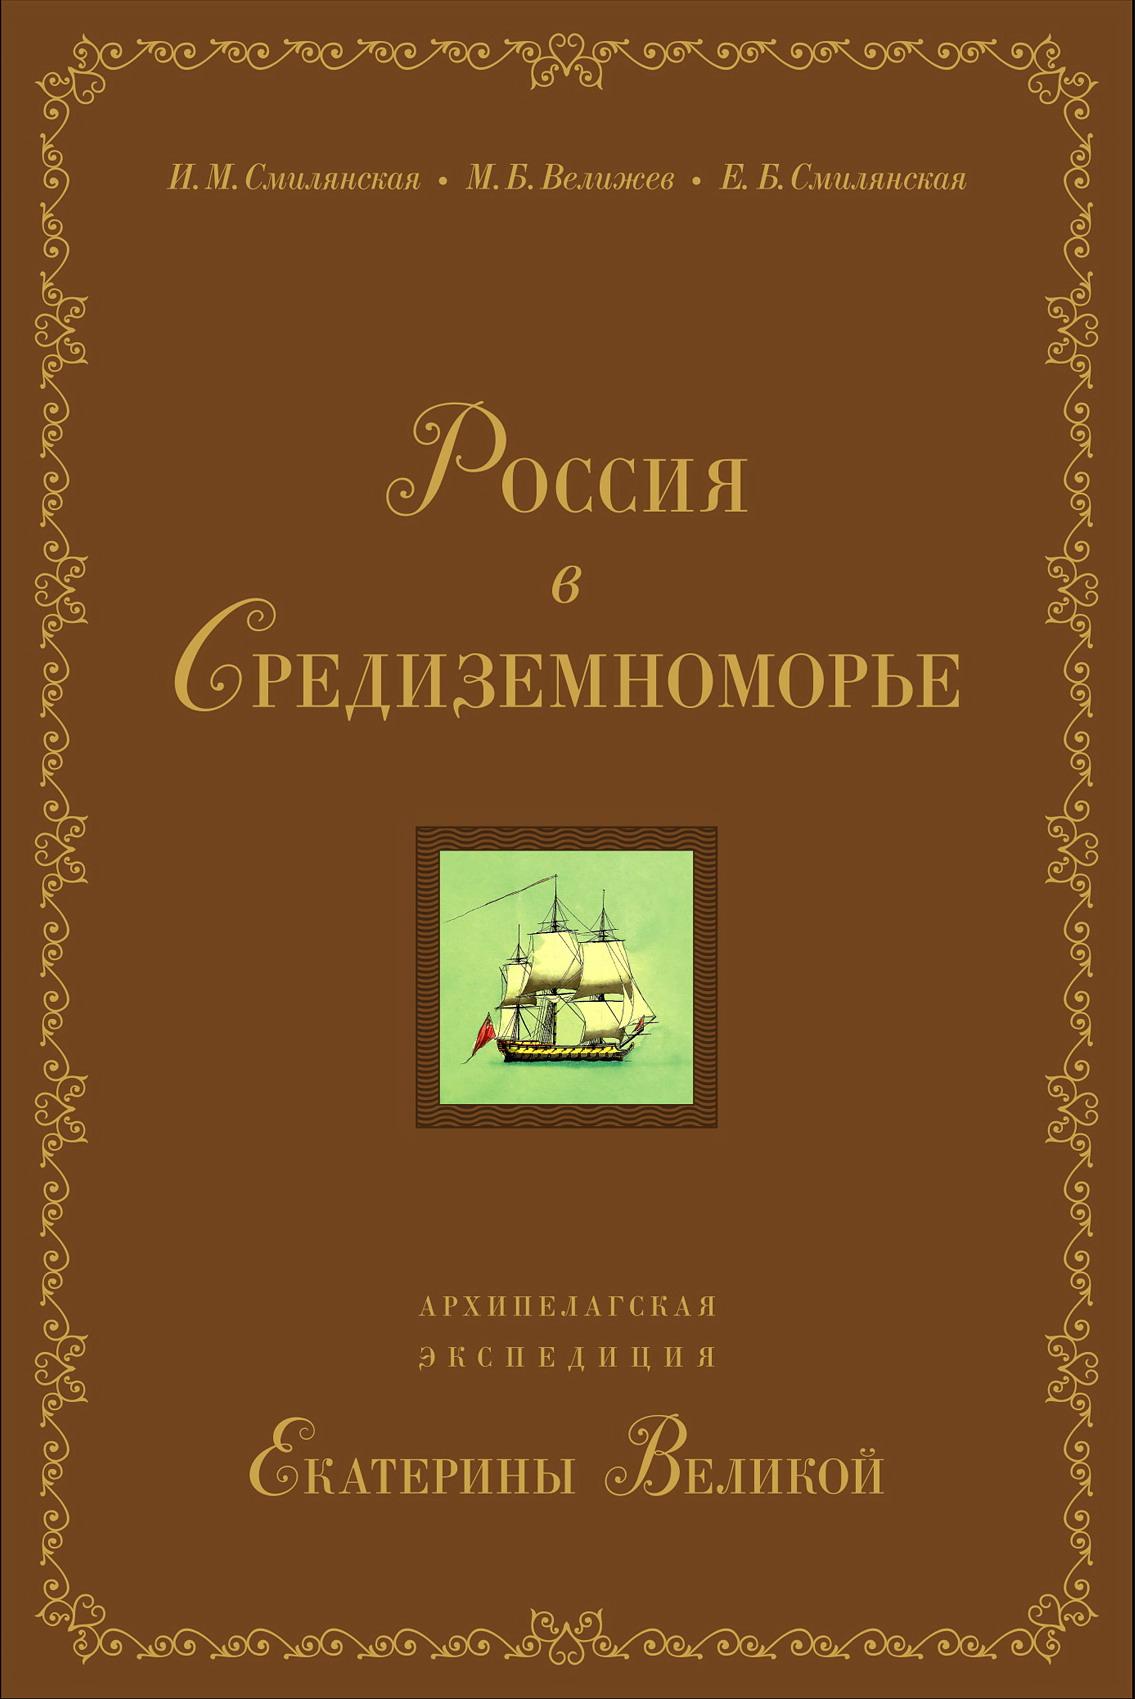 Россия в Средиземноморье. Архипелагская экспедиция Екатерины Великой